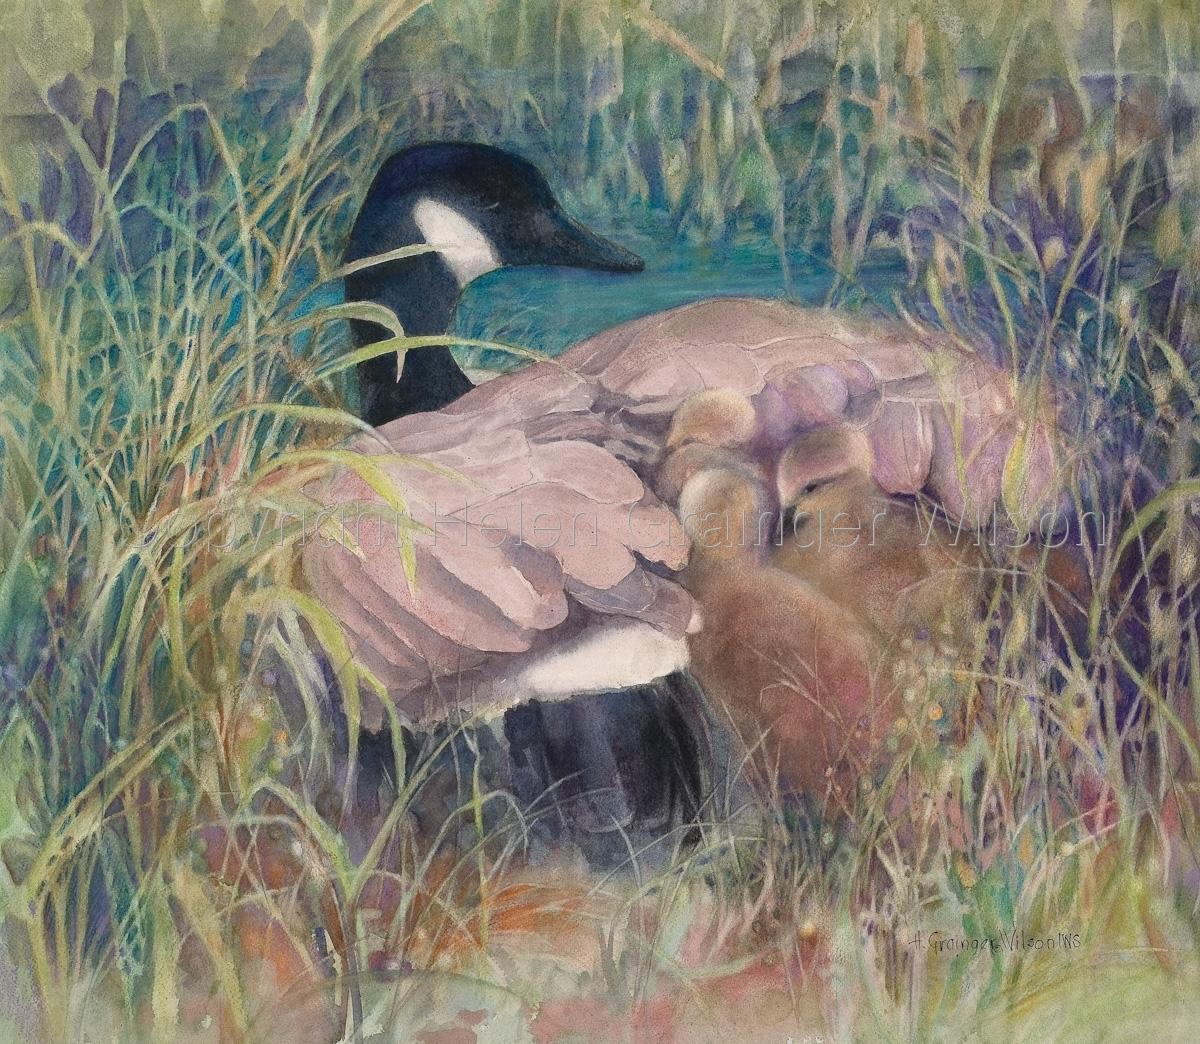 Taking Refuge by Helen Grainger Wilson (large view)